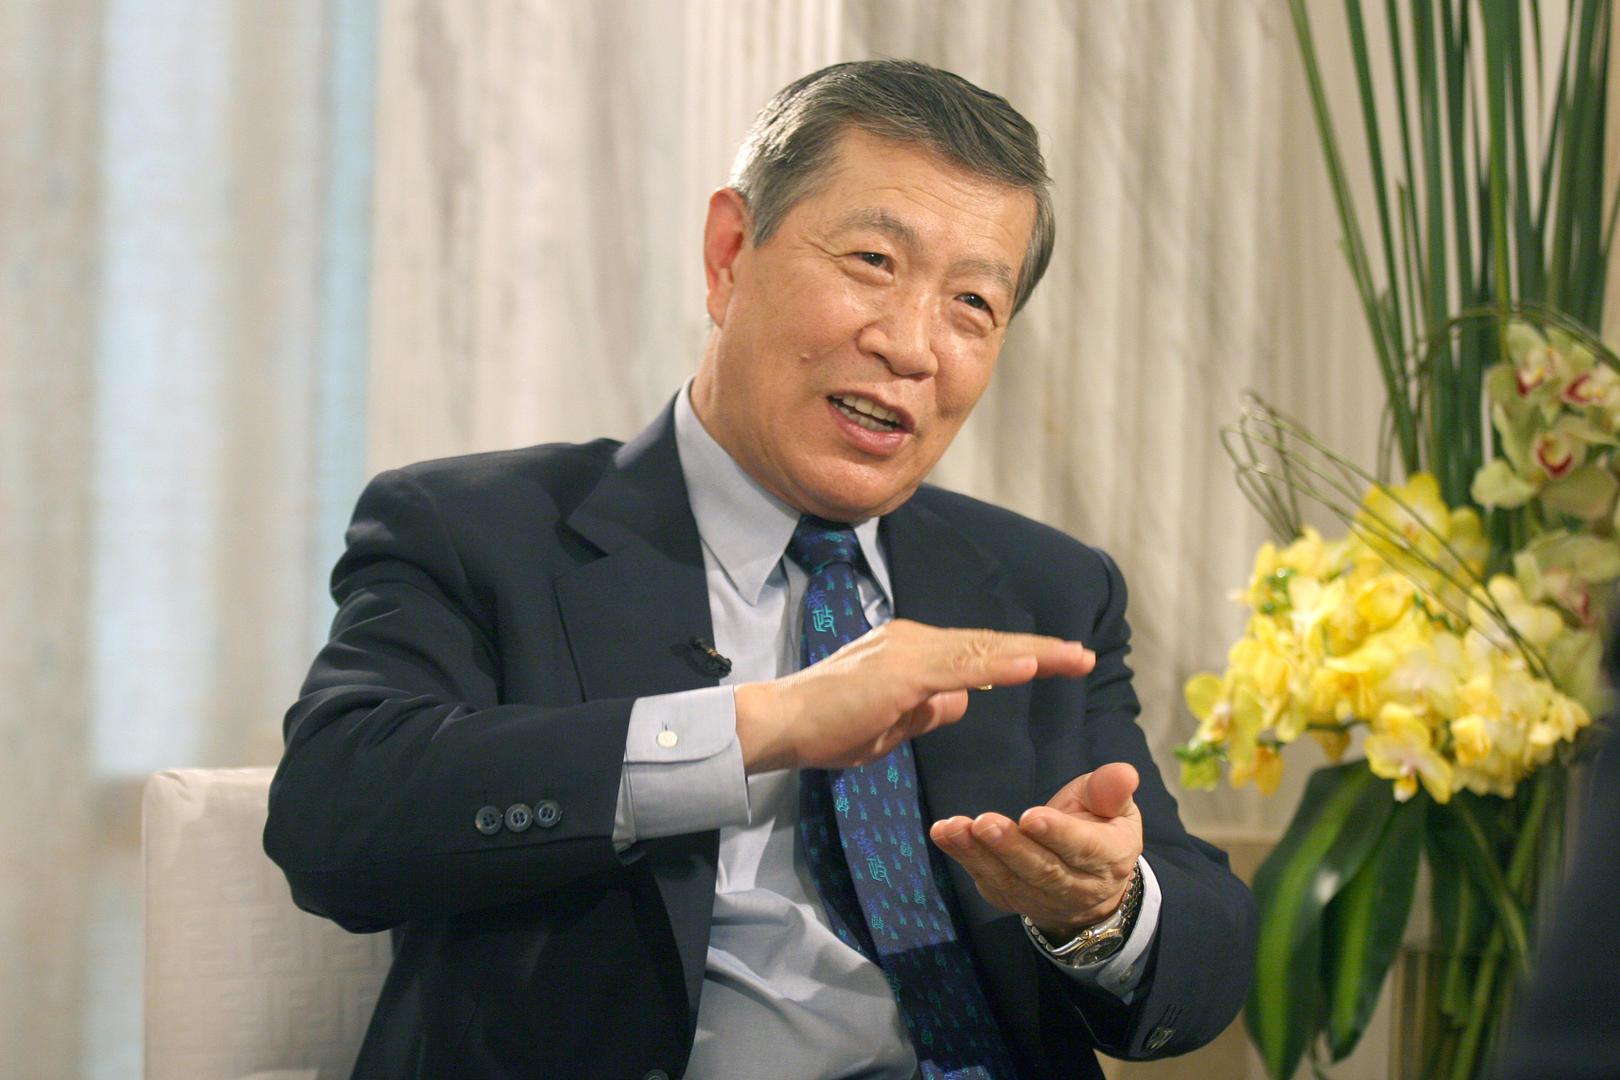 華人神探李昌鈺談章瑩穎案:可從浴缸管道和實驗室尋找尸體痕跡